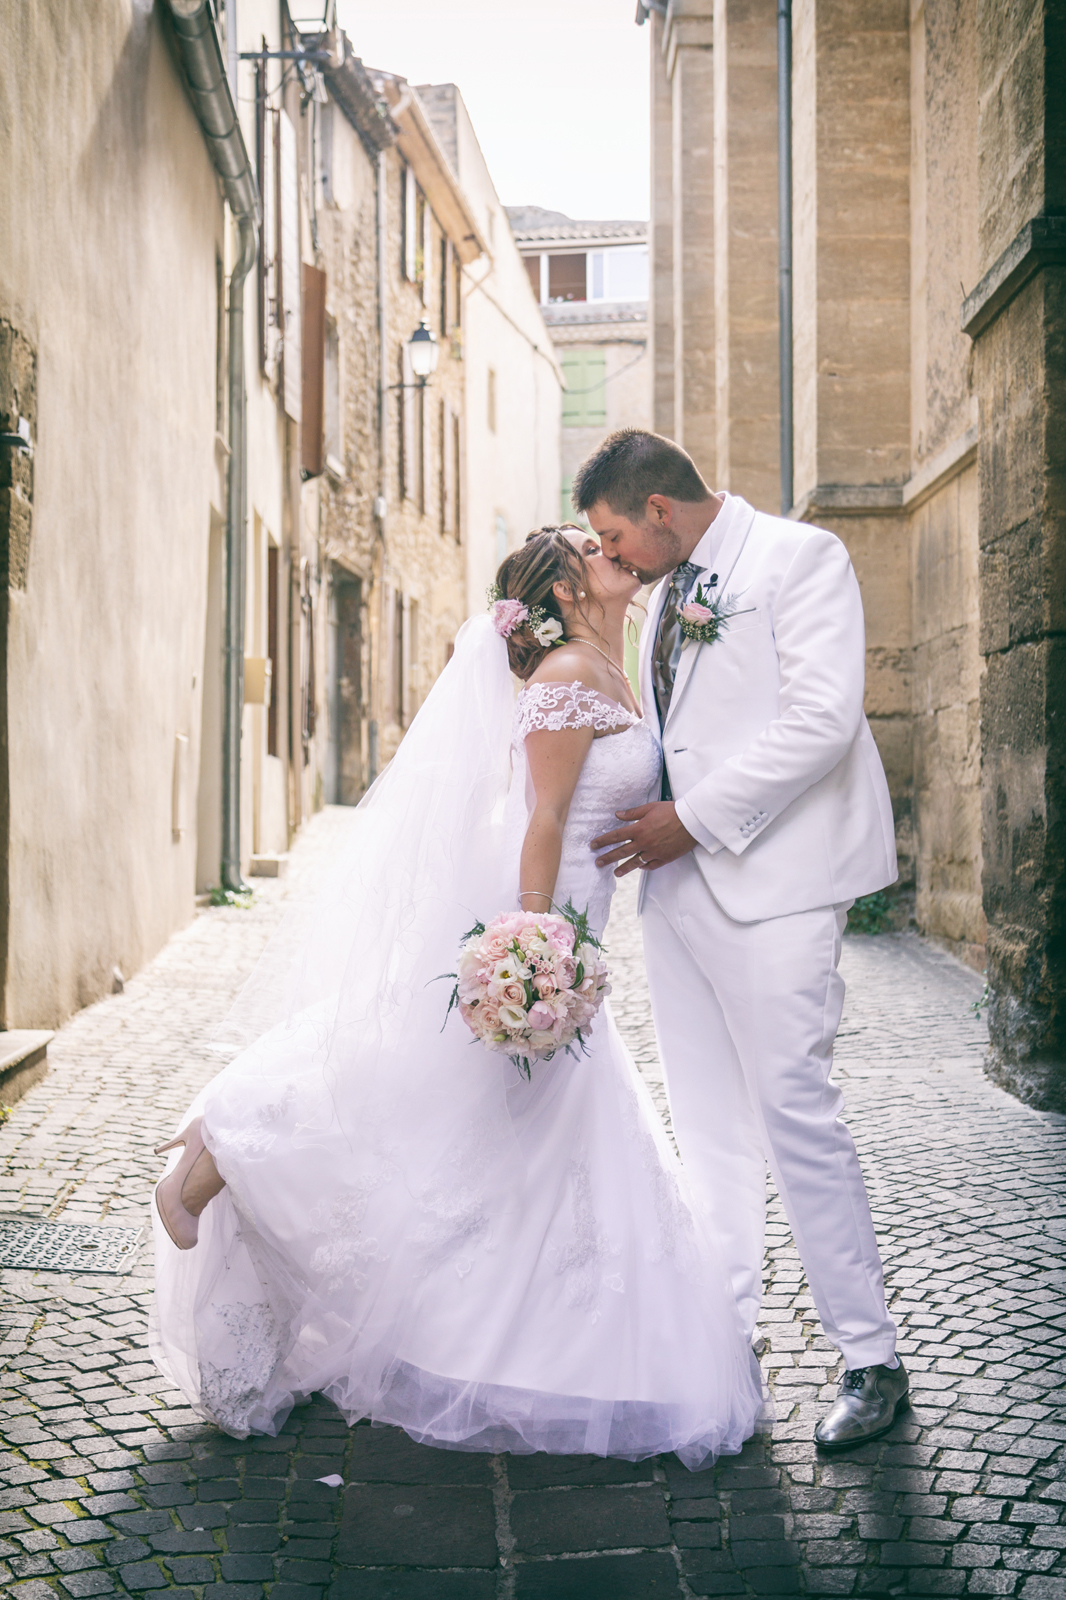 photographe de mariage, le baisé des mariés